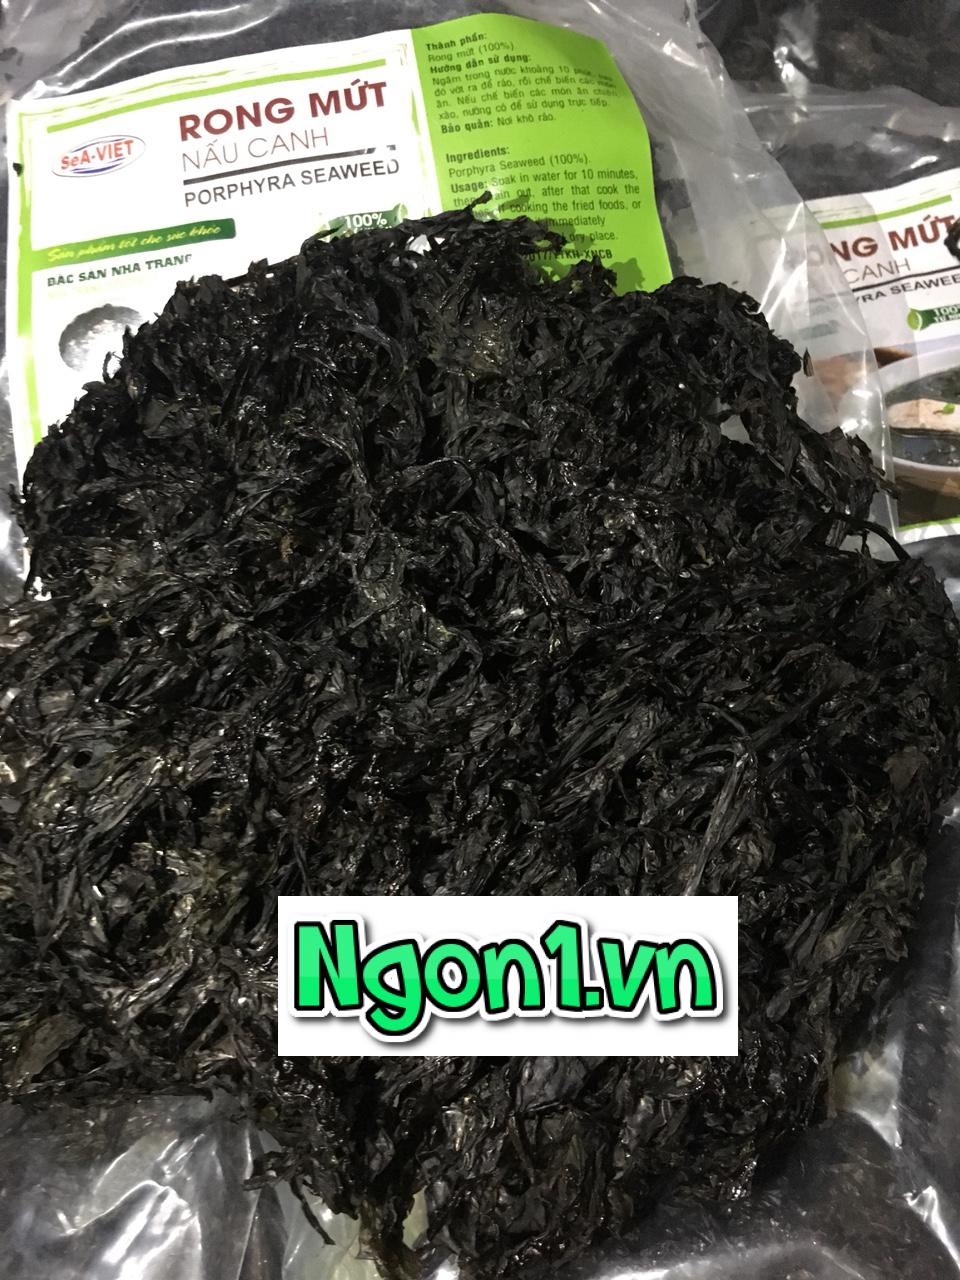 Rong biển nấu canh (rong mứt) Nha Trang - Hotline: 0902186530